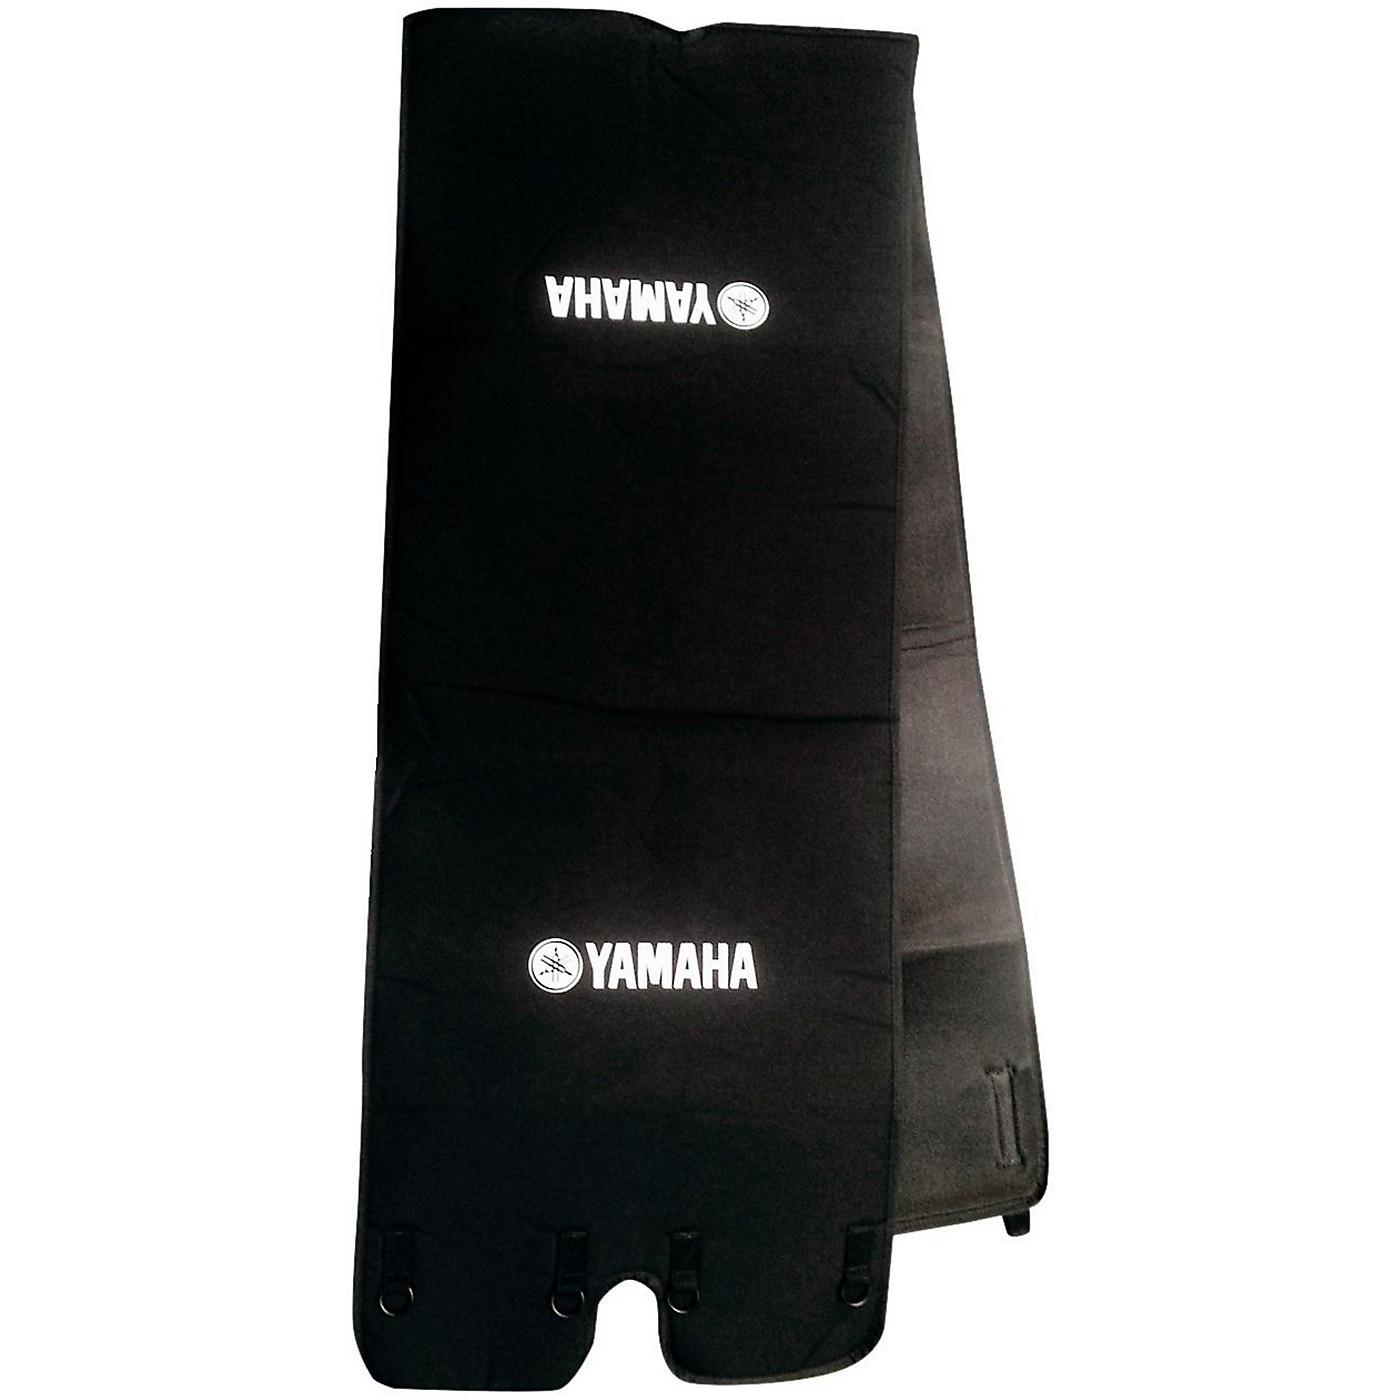 Yamaha Virtuoso Concert Bass Drum Wrap thumbnail